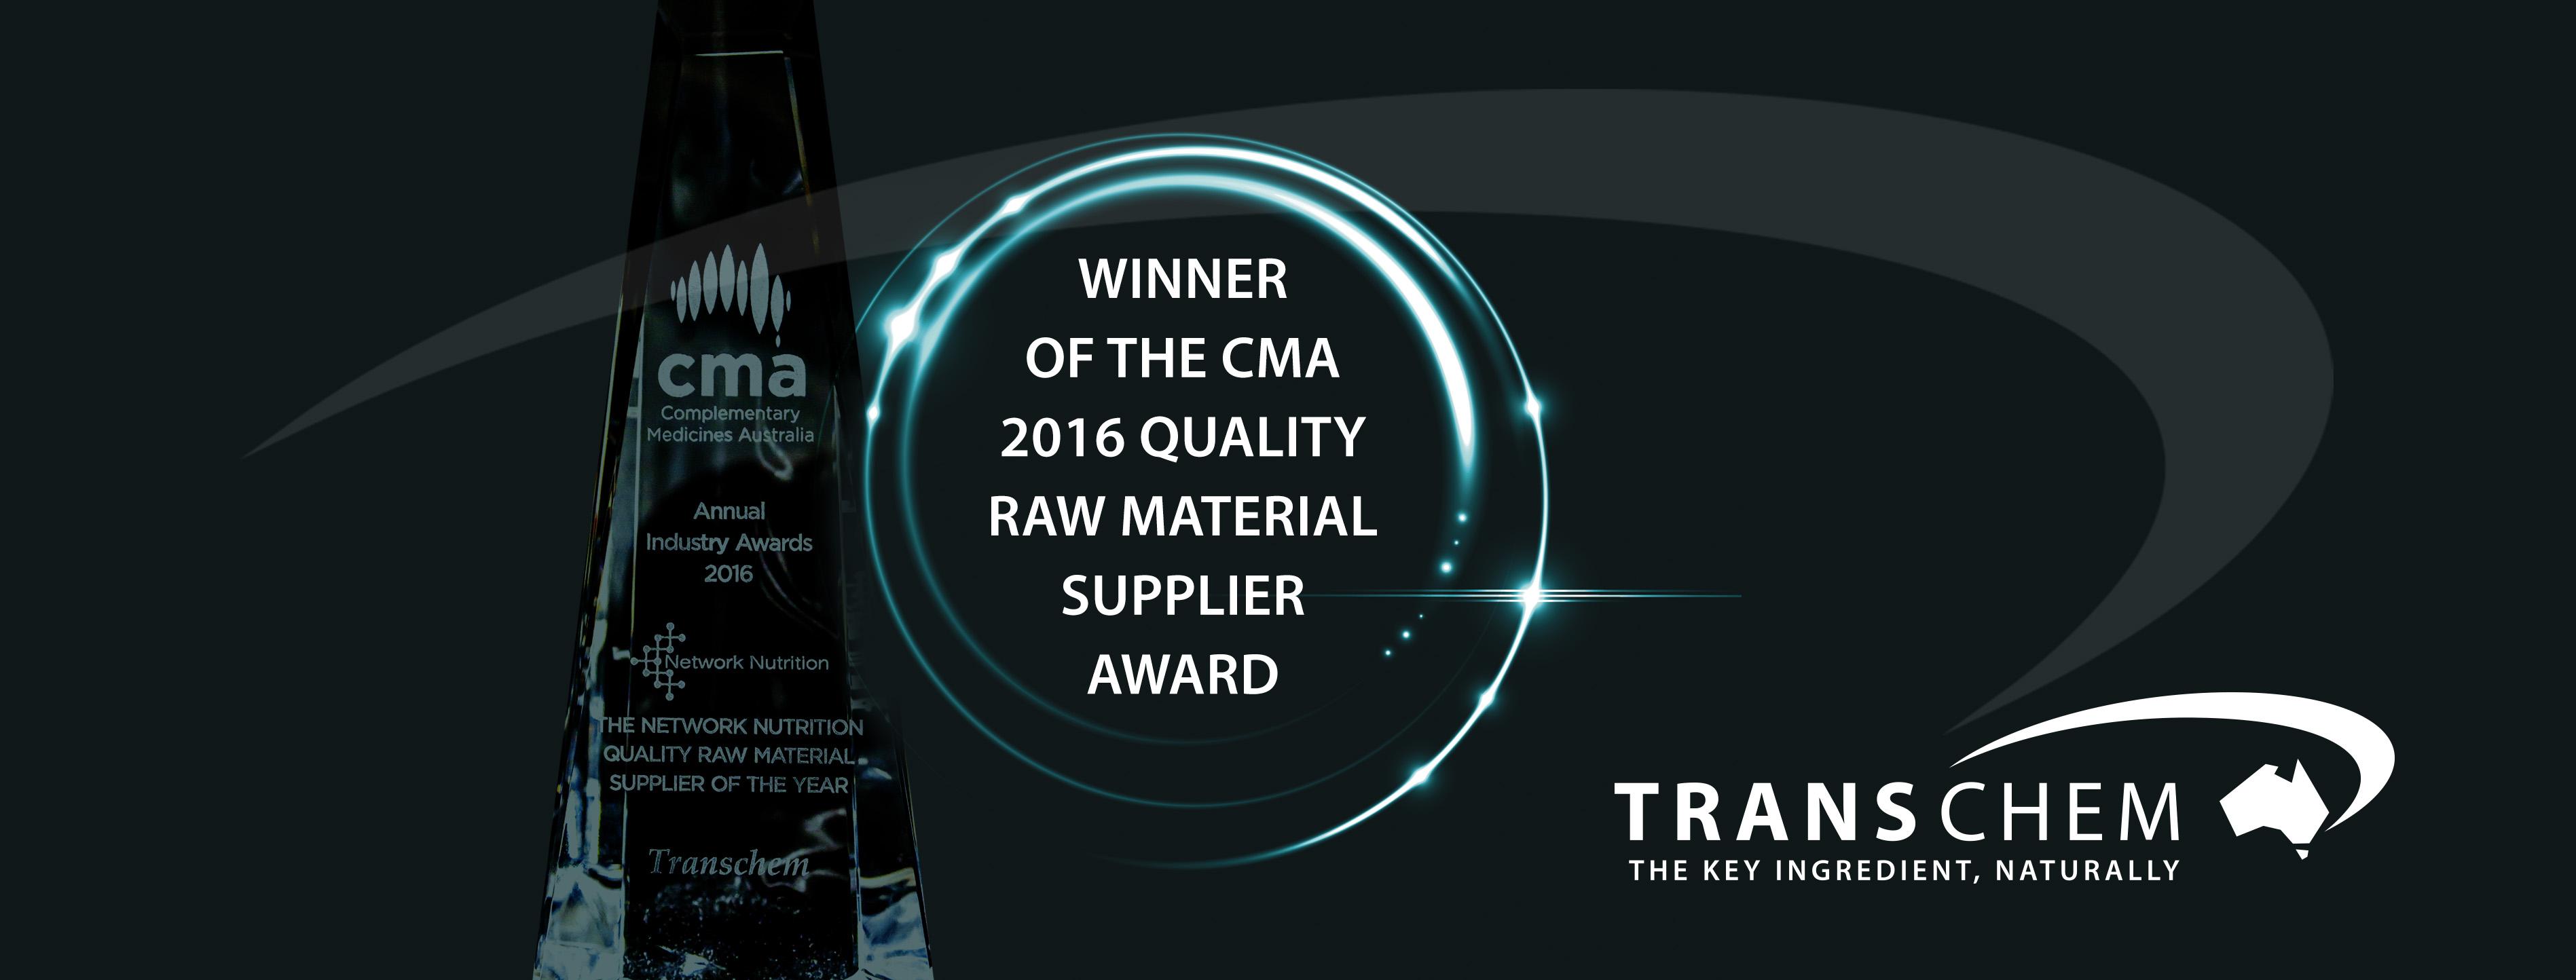 TransChem-Award-Banner